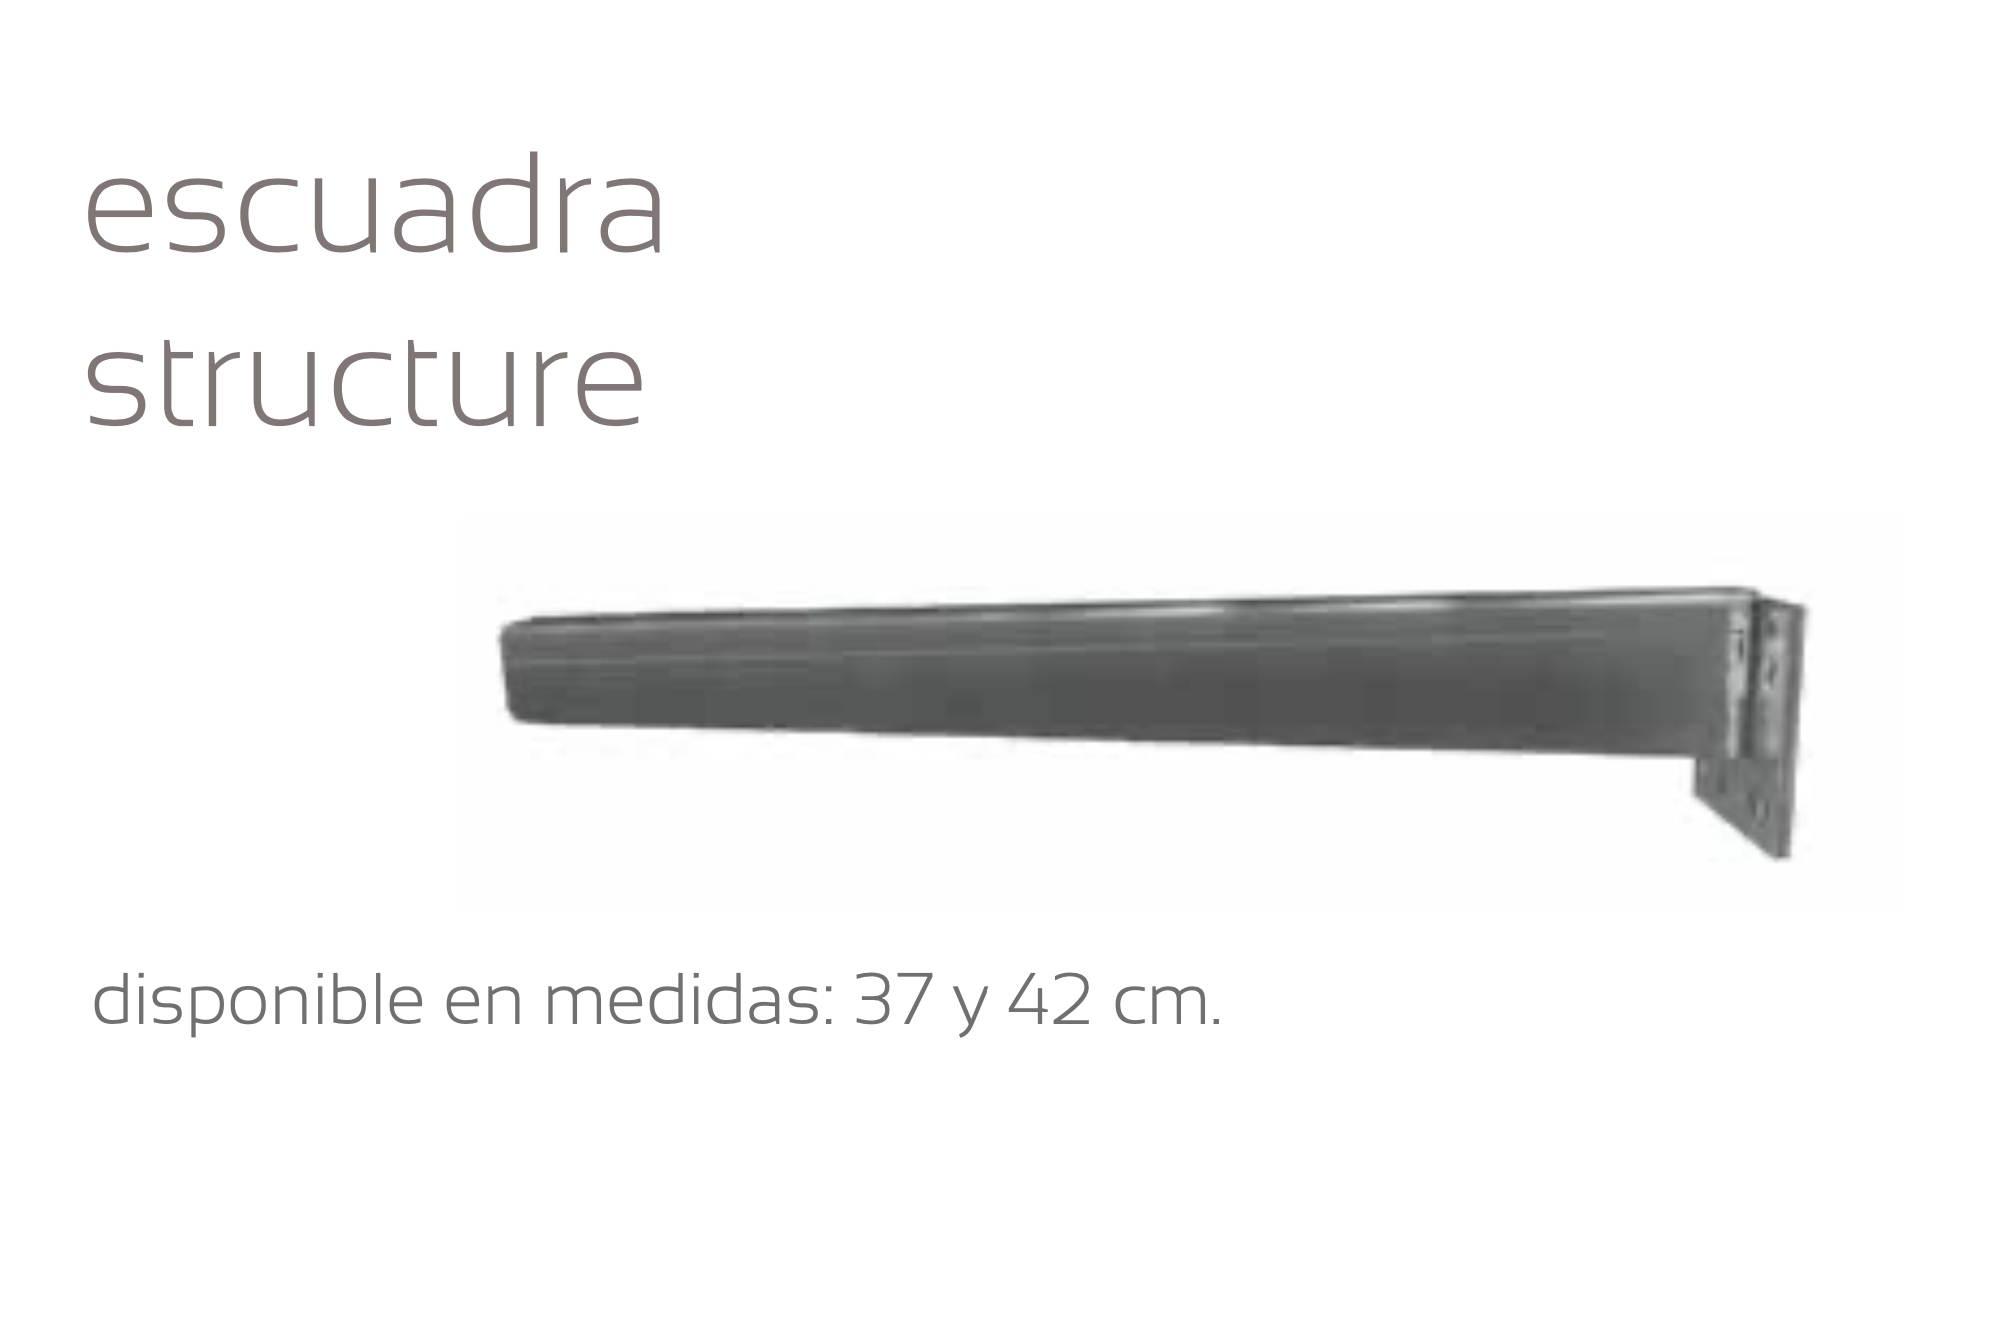 Estructura incluida ( 2 uds. )